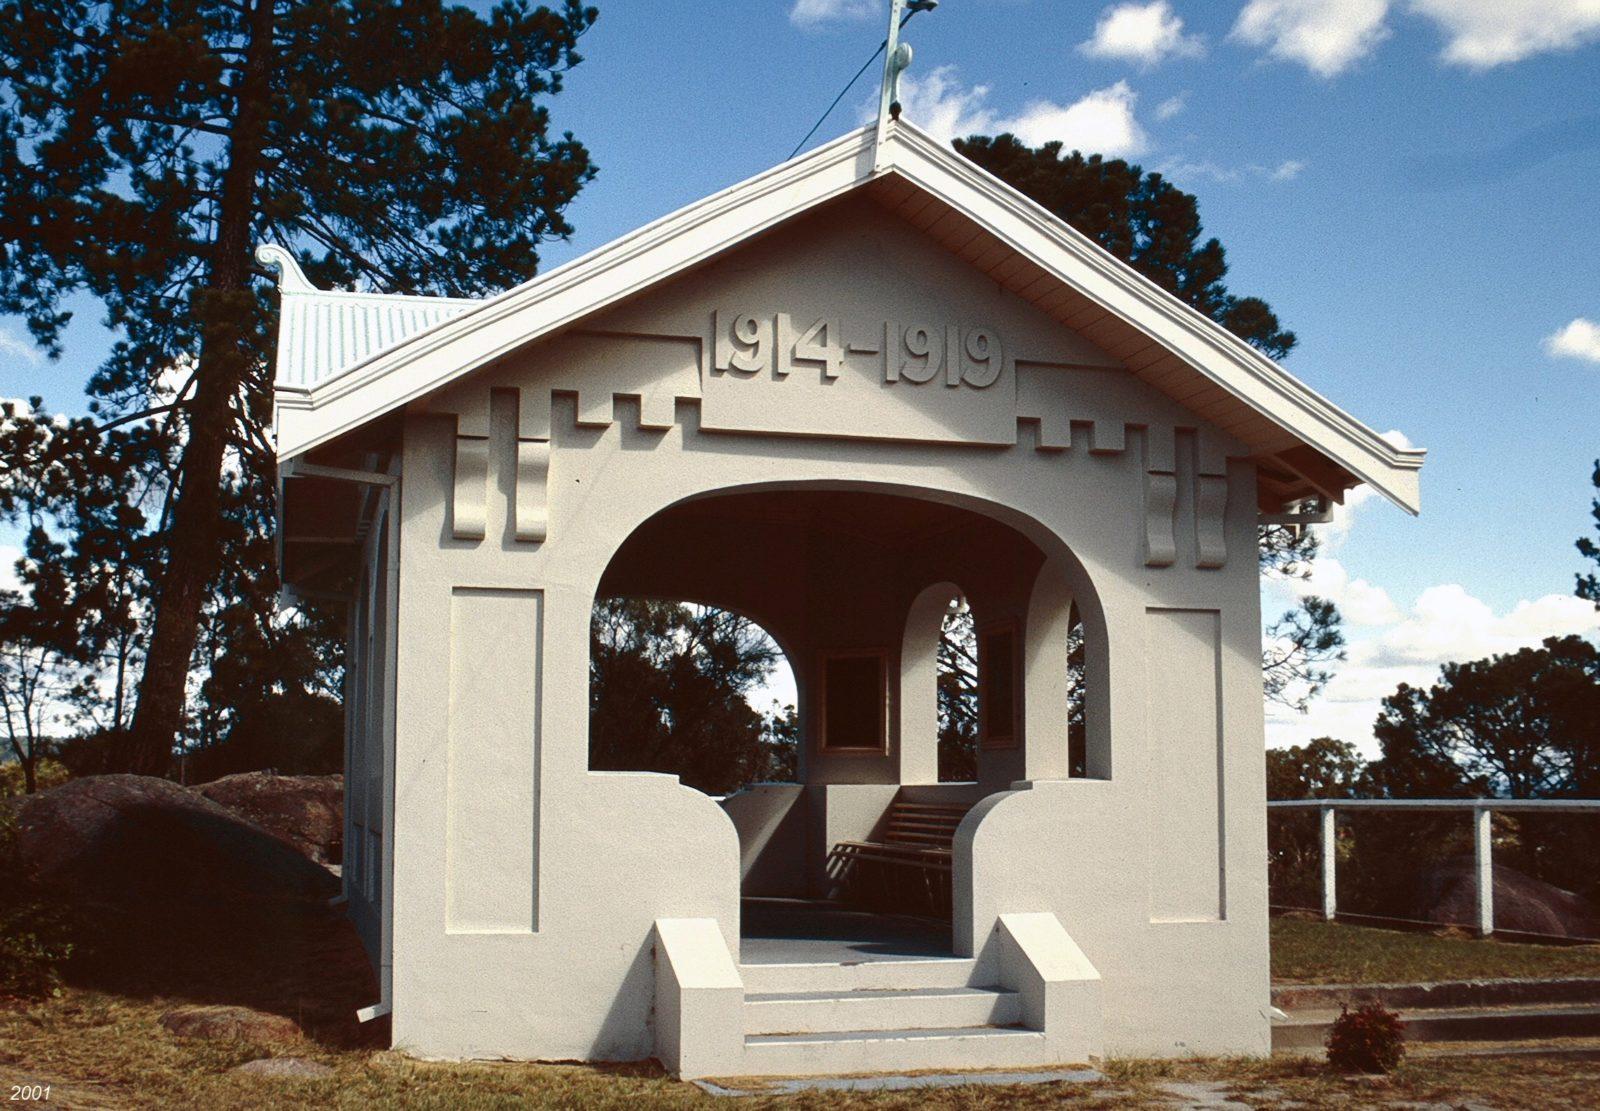 Stanthorpe Soldiers Memorial